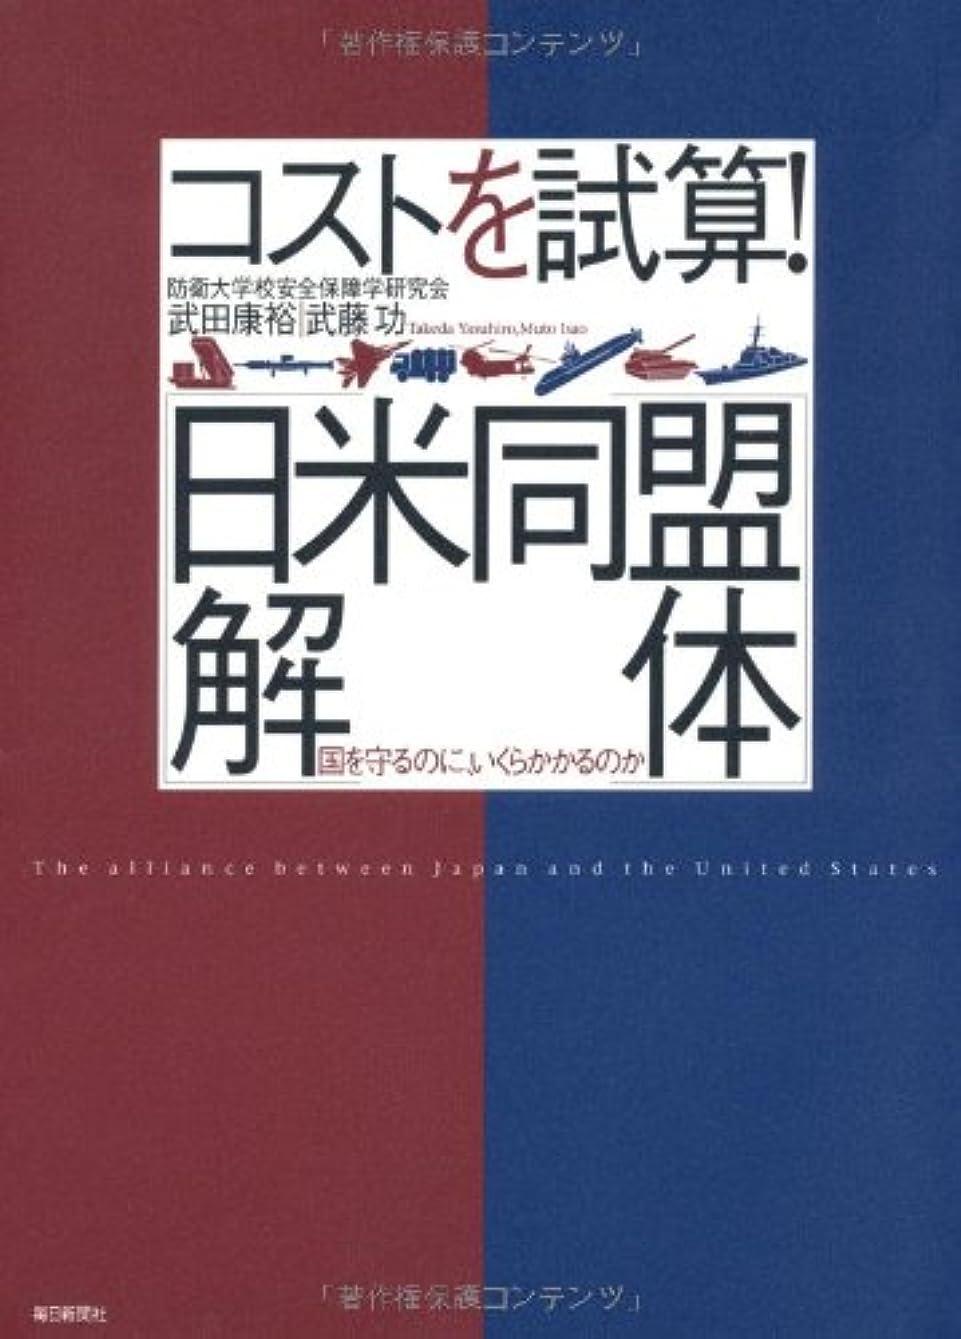 レシピ敗北に沿って米軍基地と神奈川 (有隣新書69)